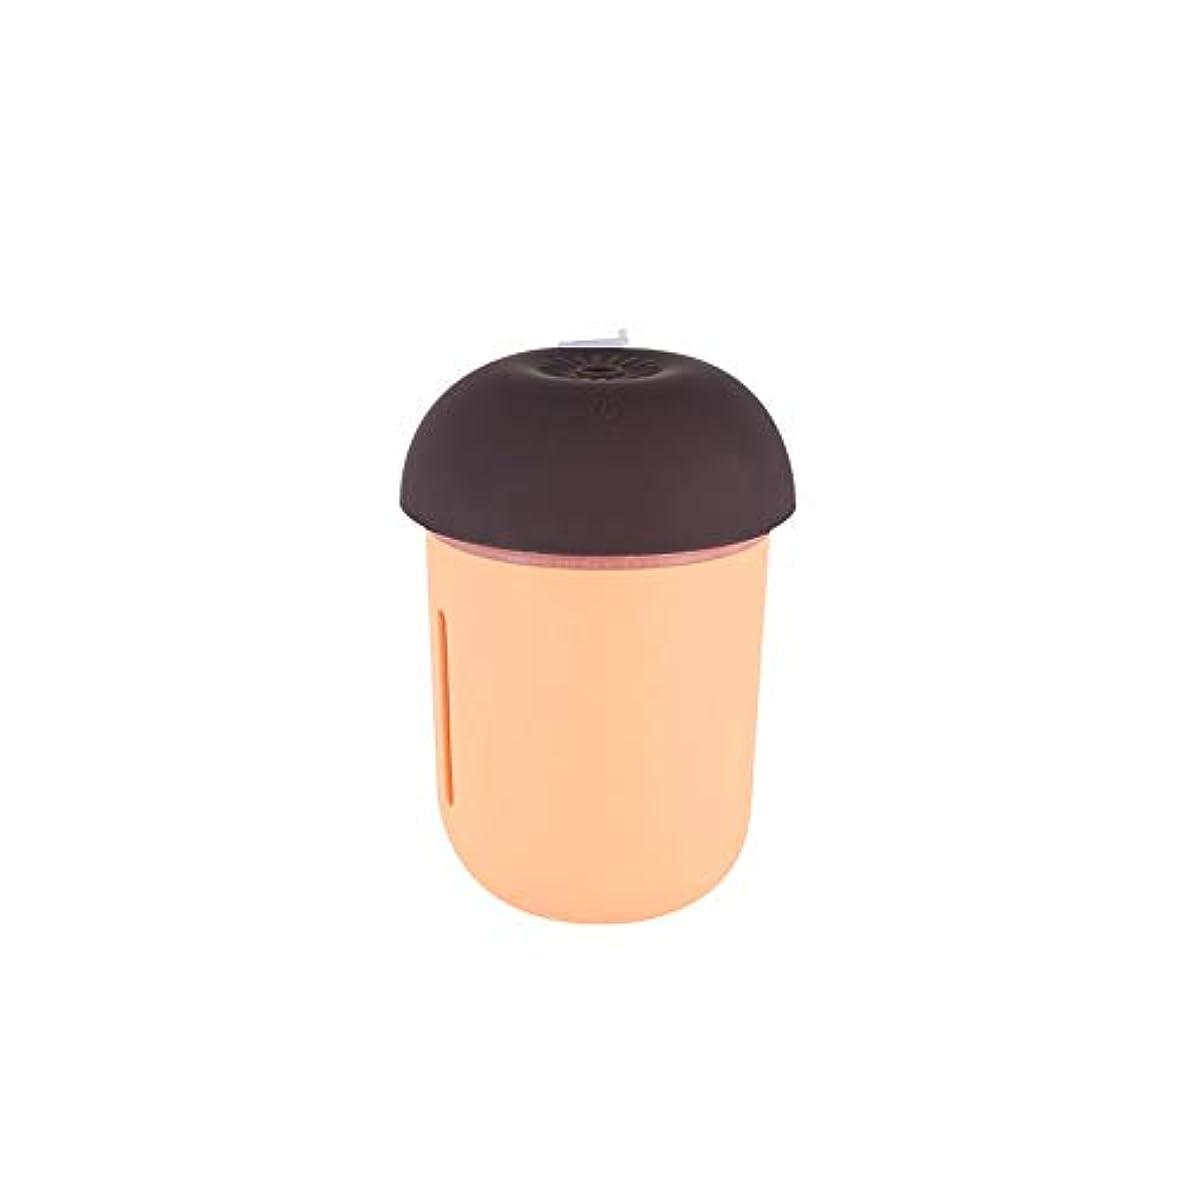 アデレードフォロー香りZXF 新しいクリエイティブusb充電車の空気清浄機多機能水道メーターファンナイトライトスリーインワンきのこ加湿器オレンジピンク 滑らかである (色 : Orange)